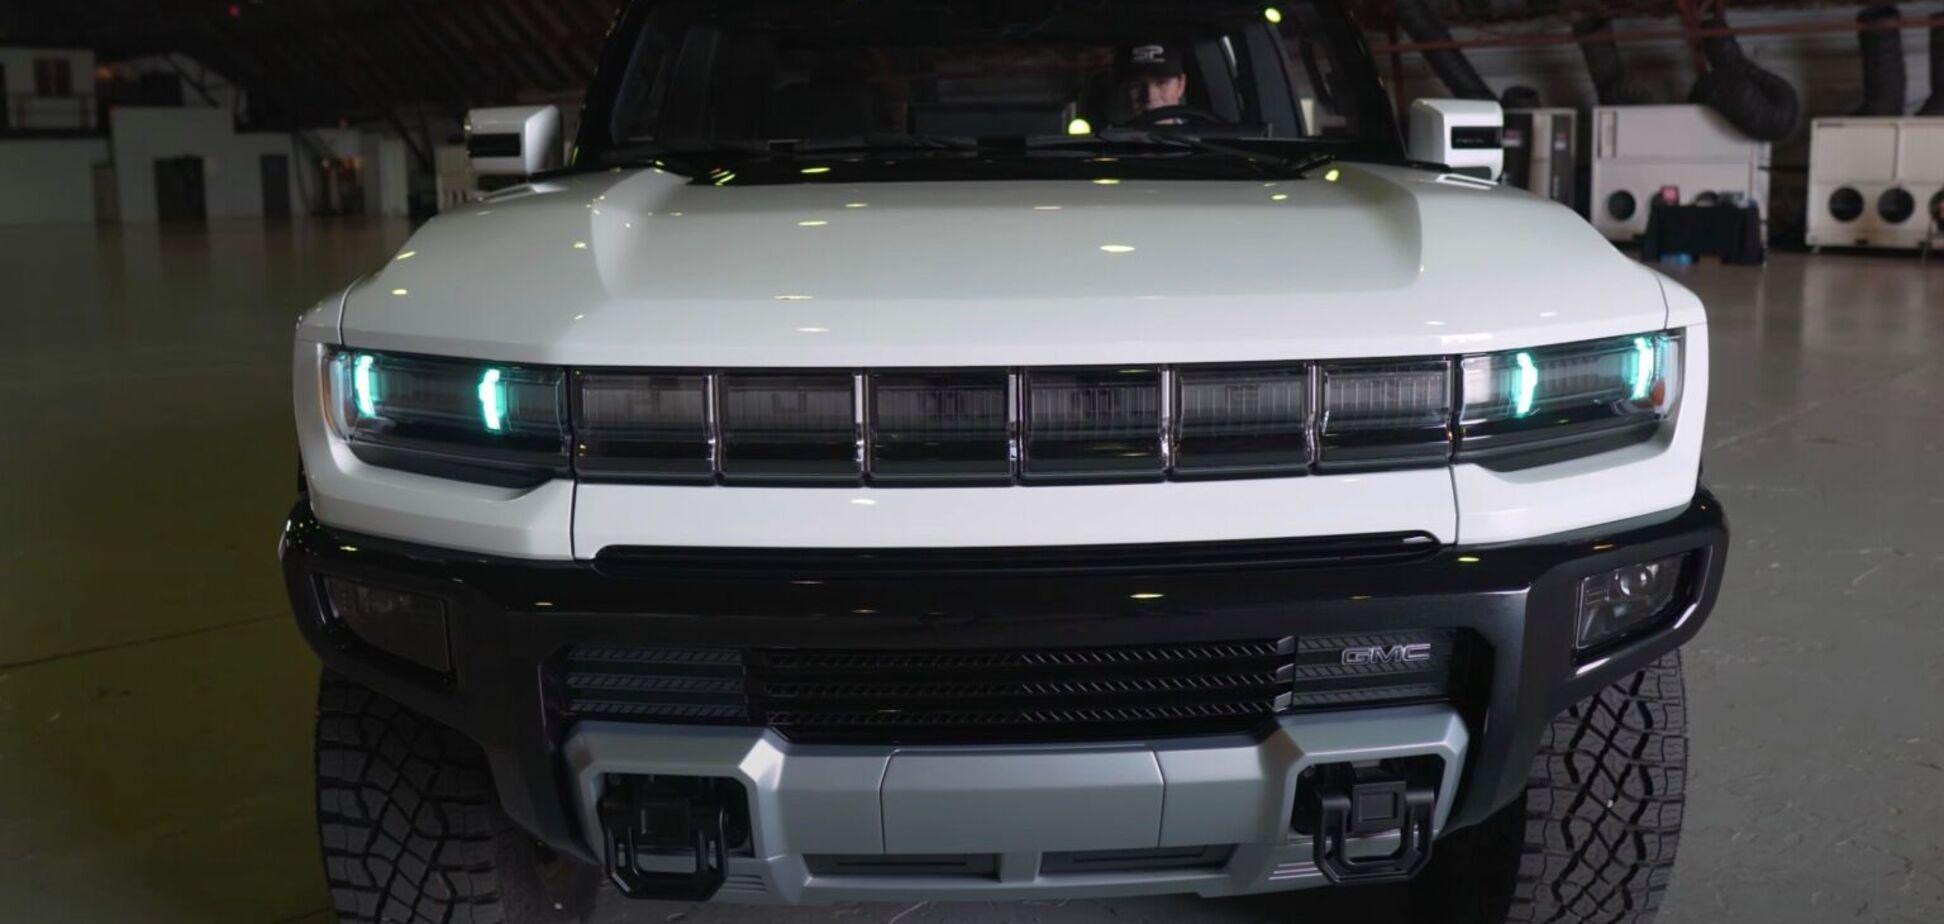 Как электромобиль Hummer выглядит вживую: новинку впервые сняли на видео